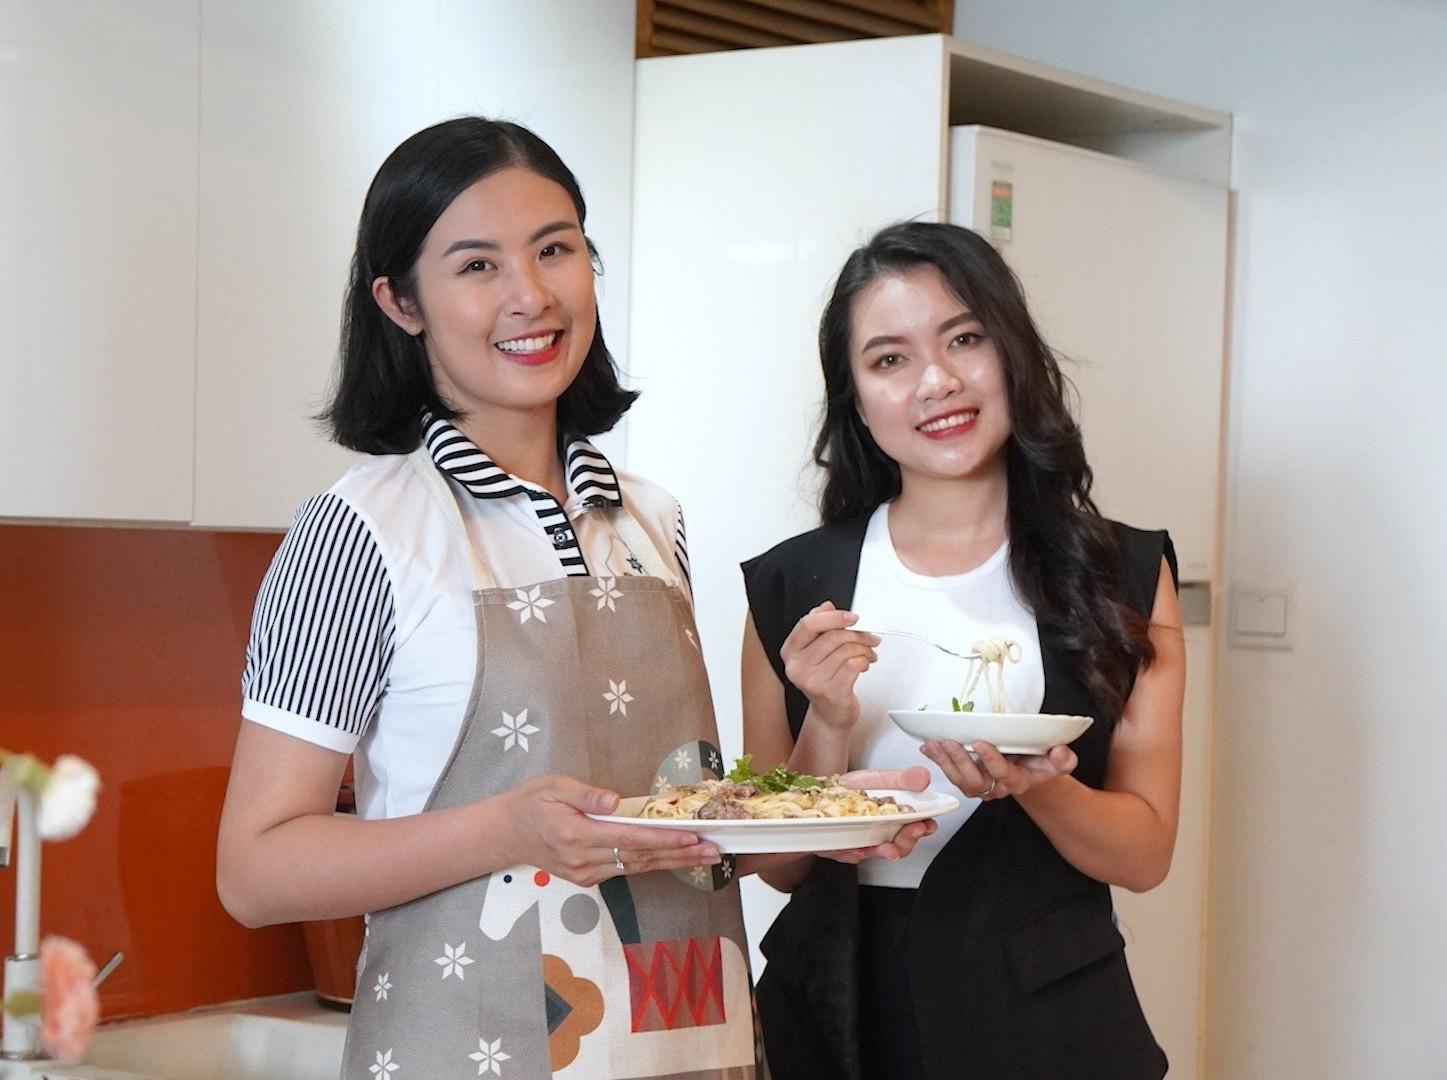 Bếp nhà phong cách truyền thống của hoa hậu Ngọc Hân